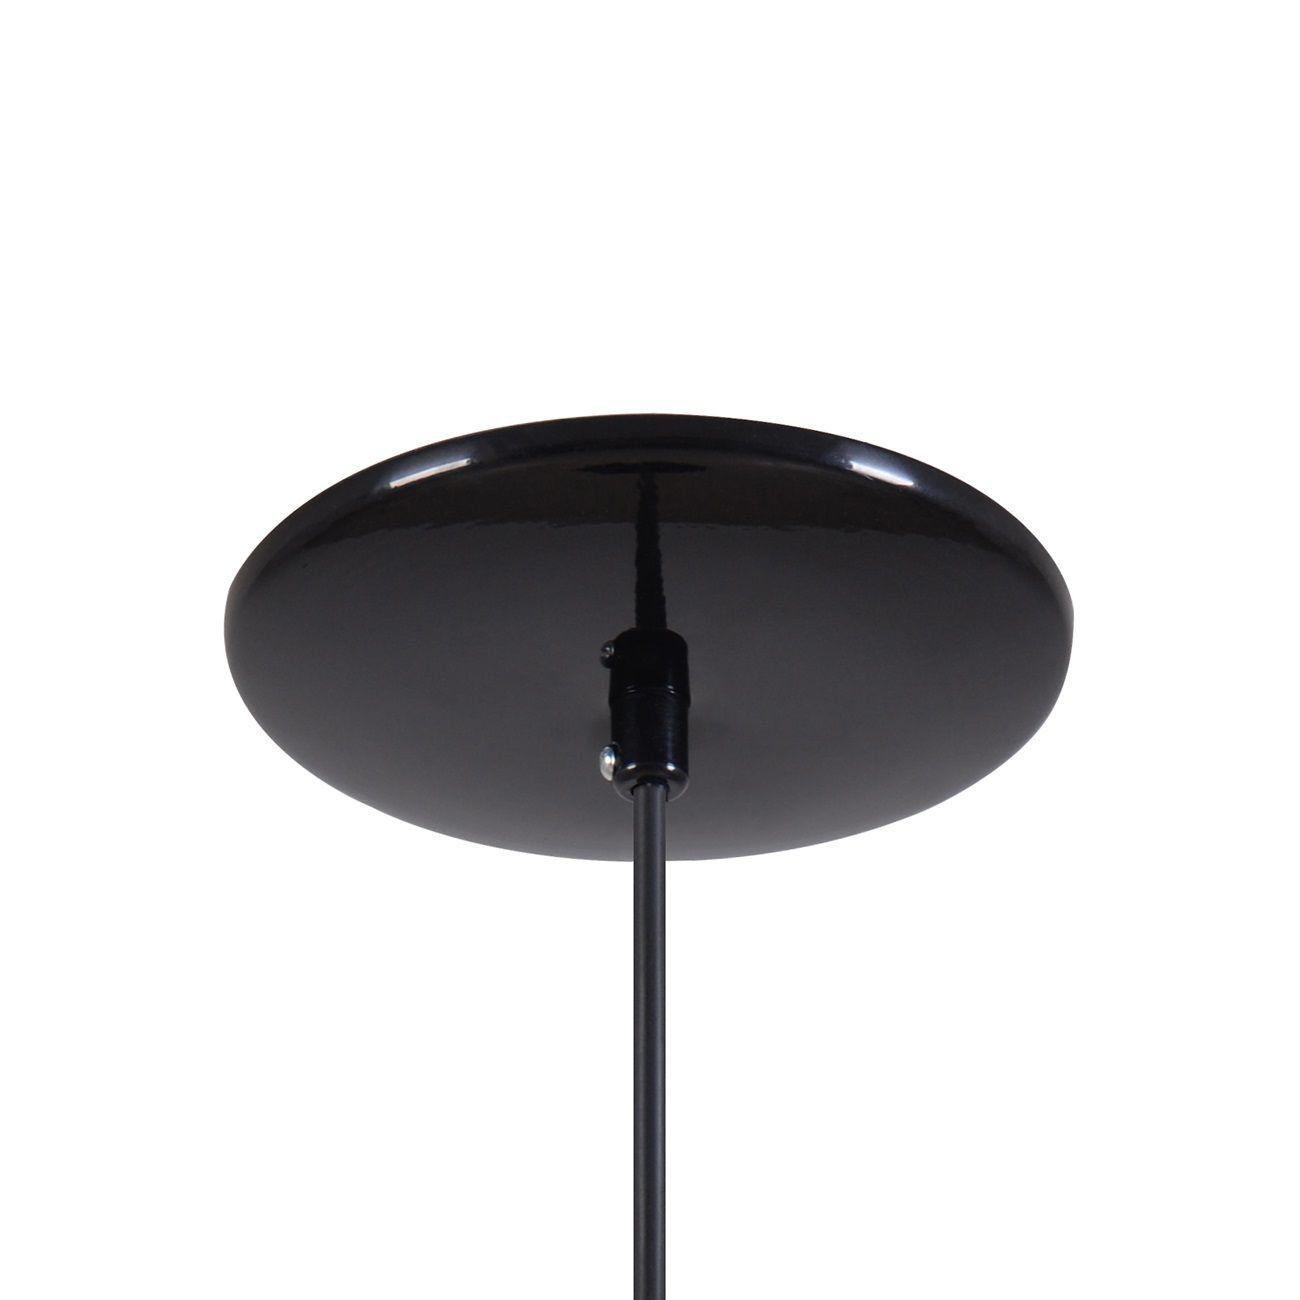 Pendente Gota Teat Luminária Lustre Alumínio Preto Brilhante C/ Cobre - Rei Da Iluminação